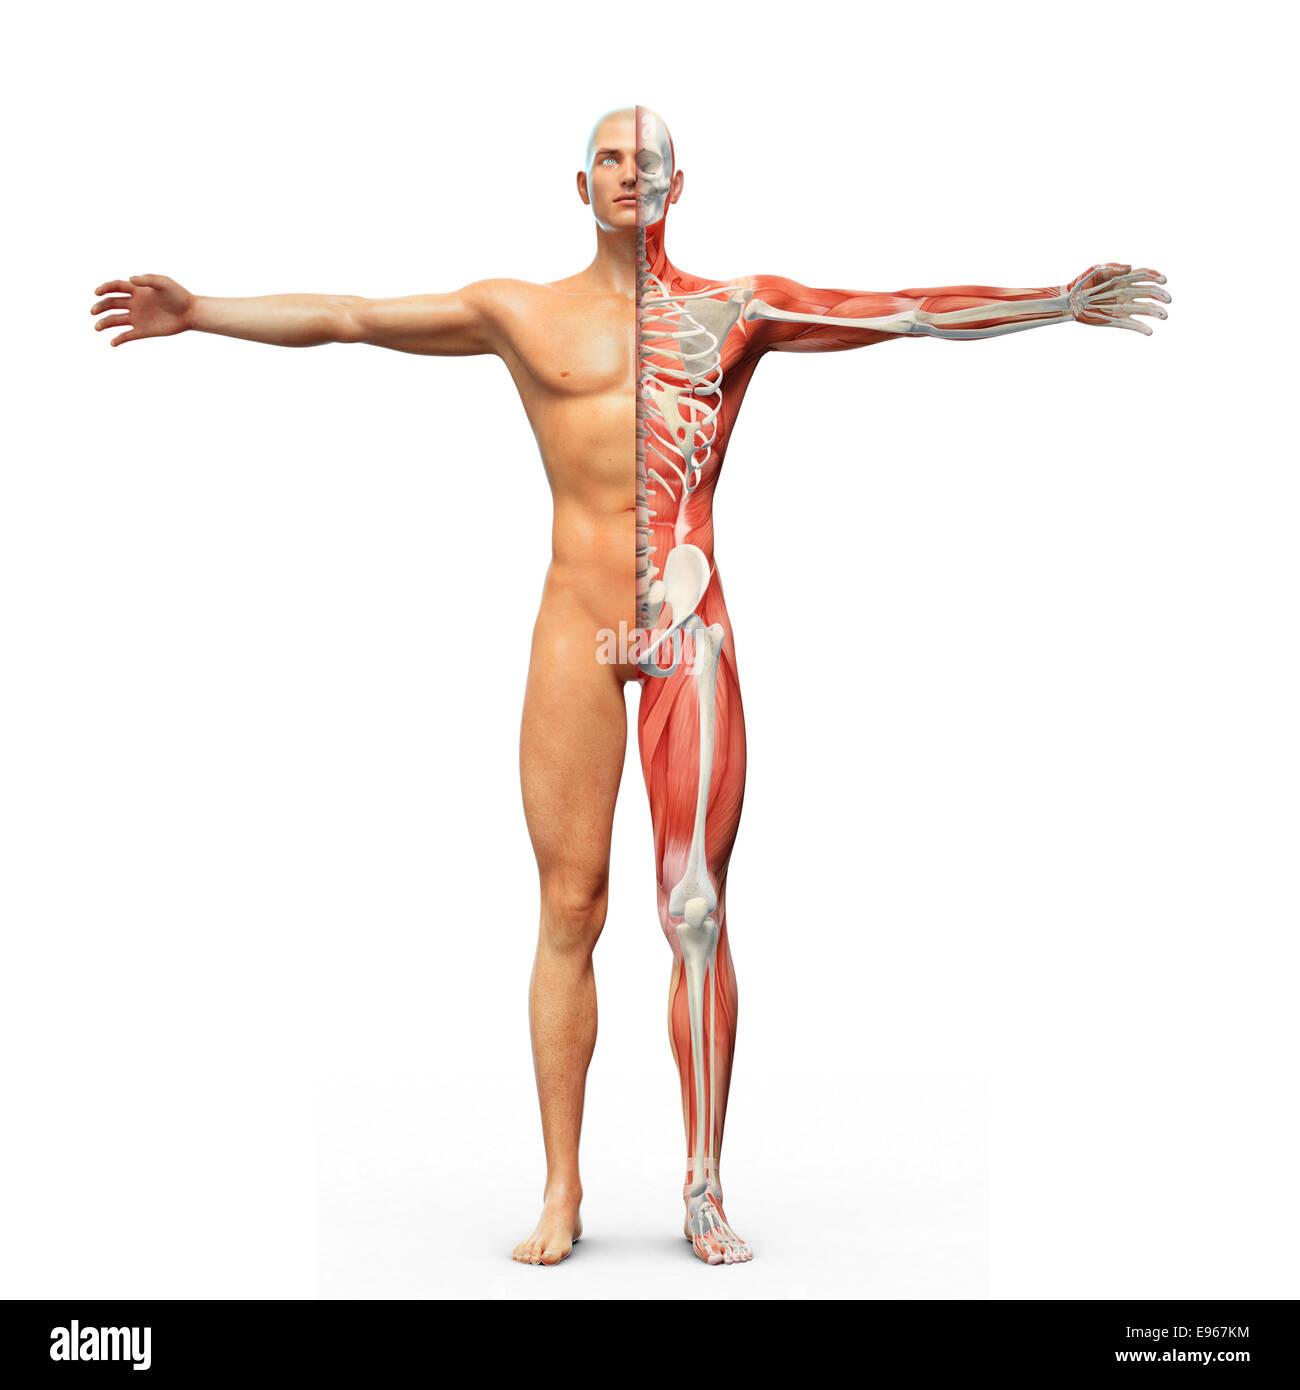 Menschliche Anatomie mit sichtbaren Skelett und Muskeln Stockfoto ...